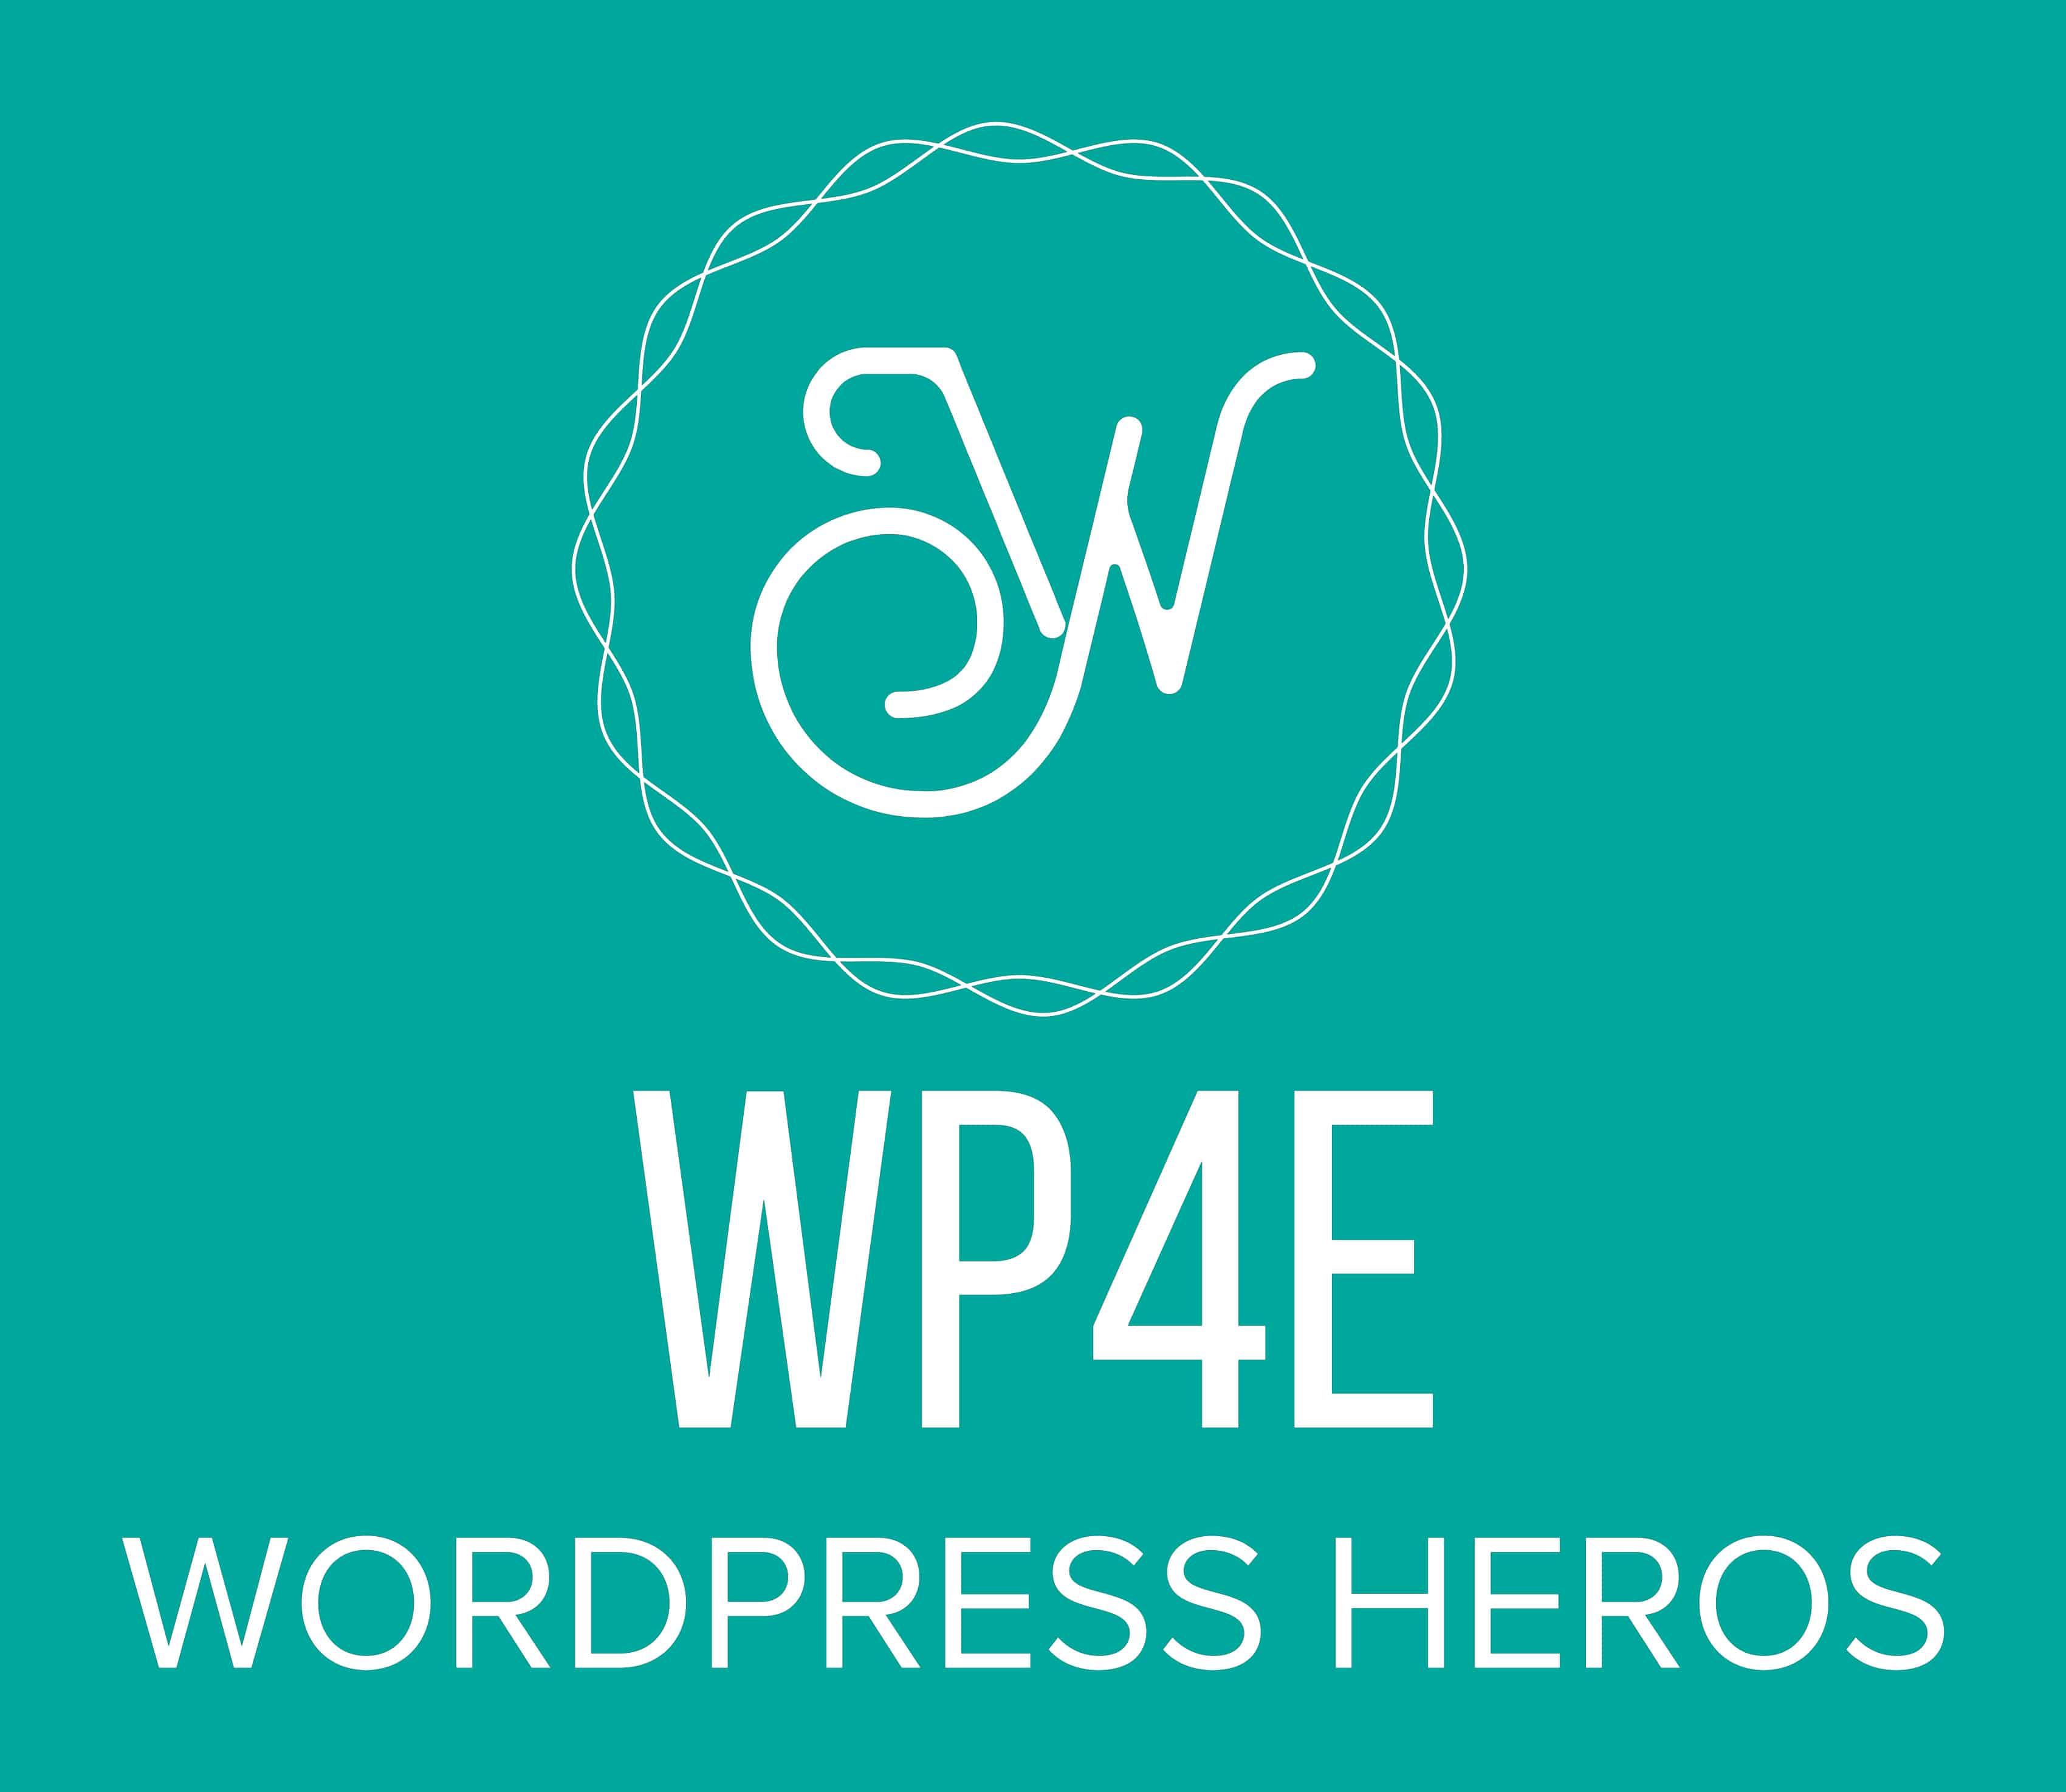 wp4e logo